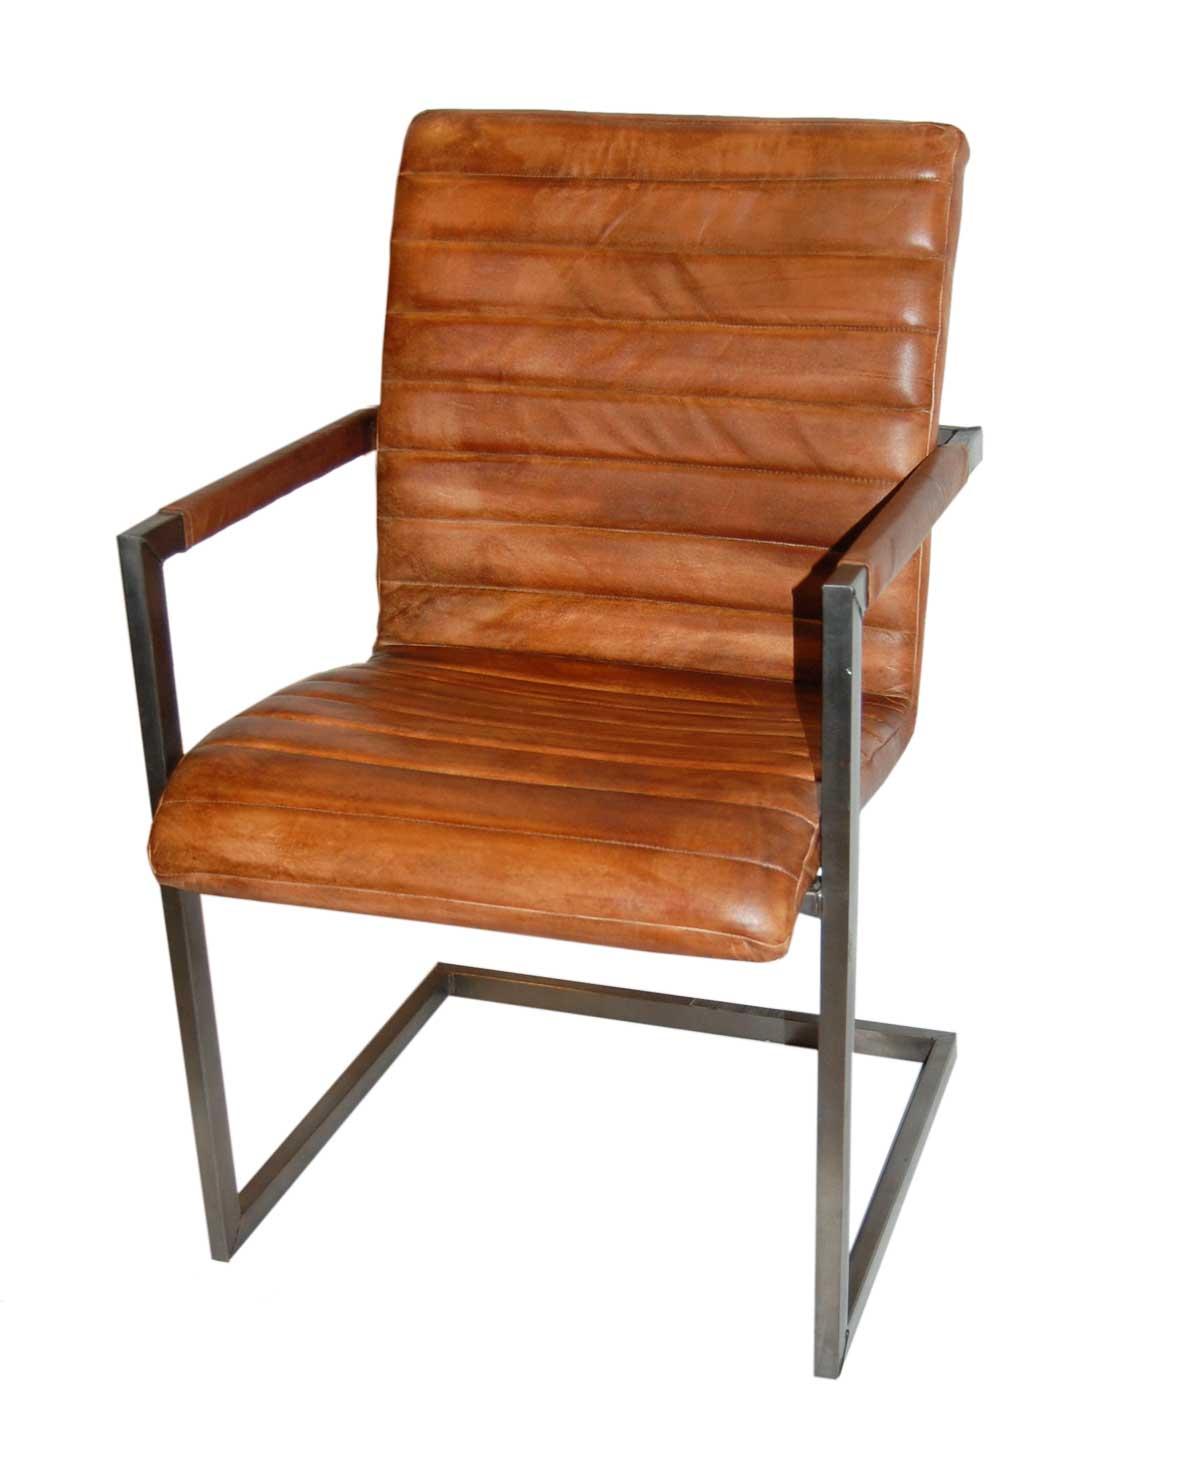 Trademark living cool stol med armlæn - brun læder